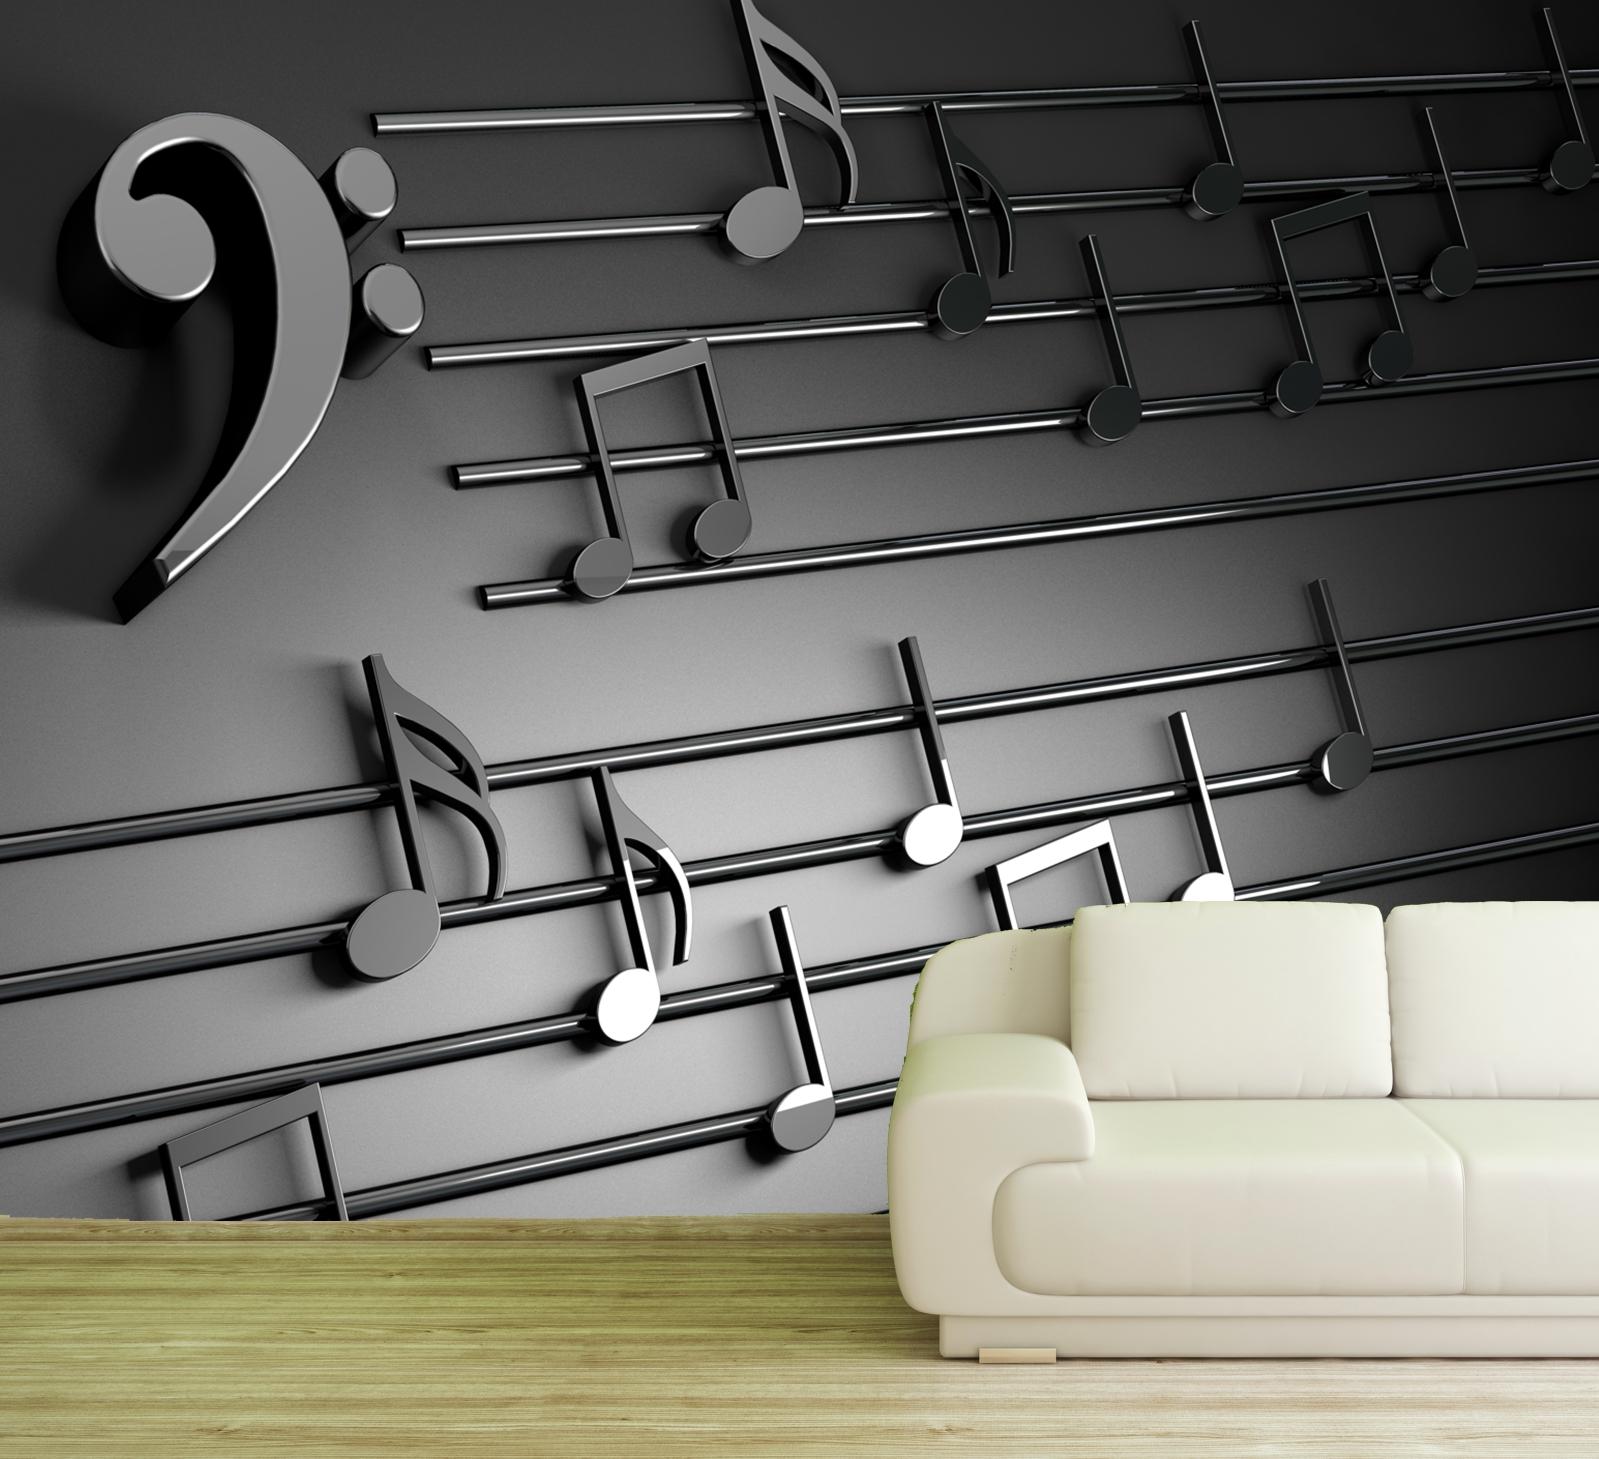 Vlies Tapete XXL Poster Fototapete 3D Noten Bassschlüssel